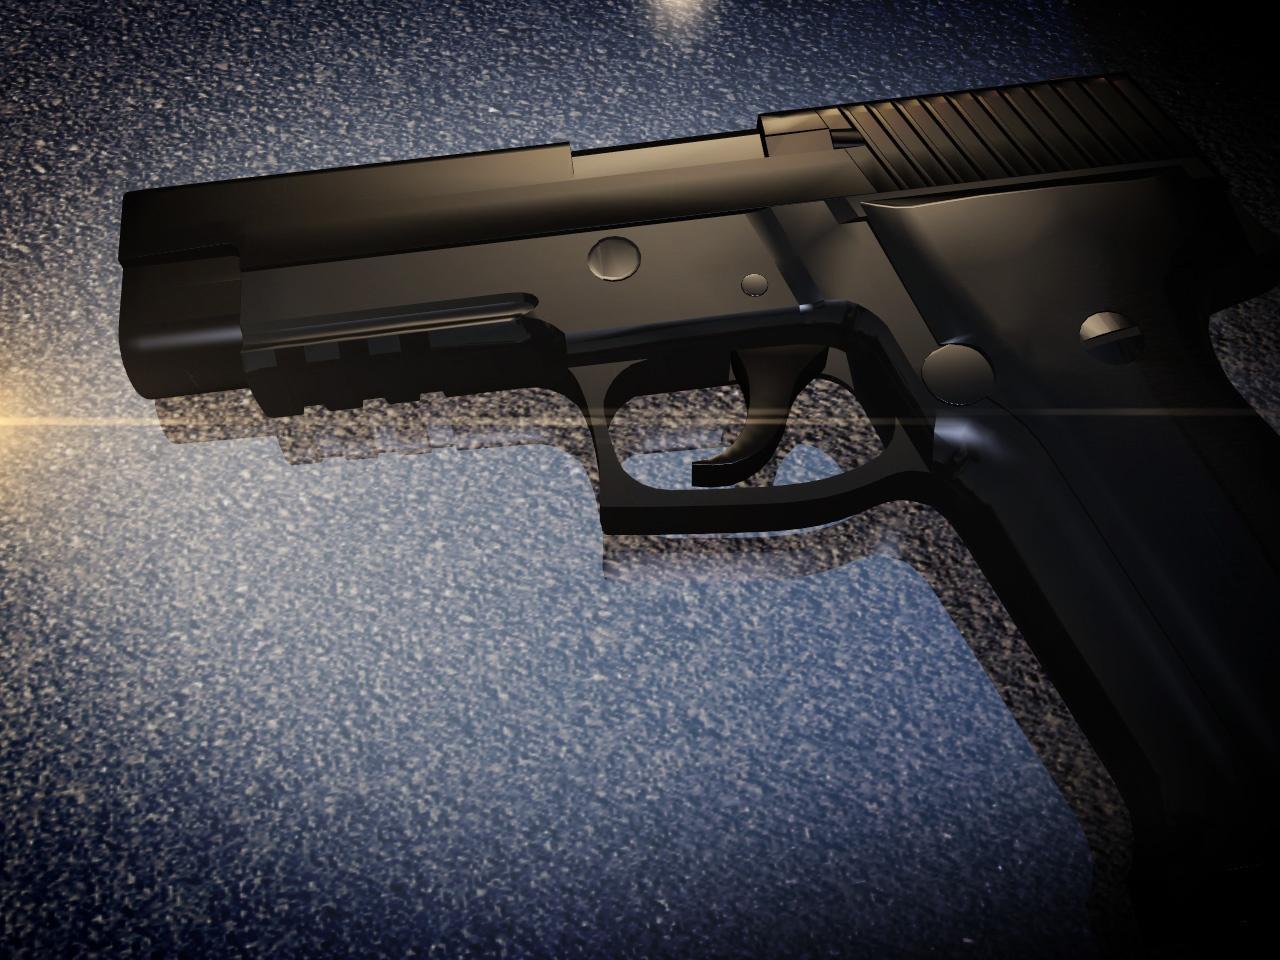 Shooting gun_1556062268719.jpg.jpg